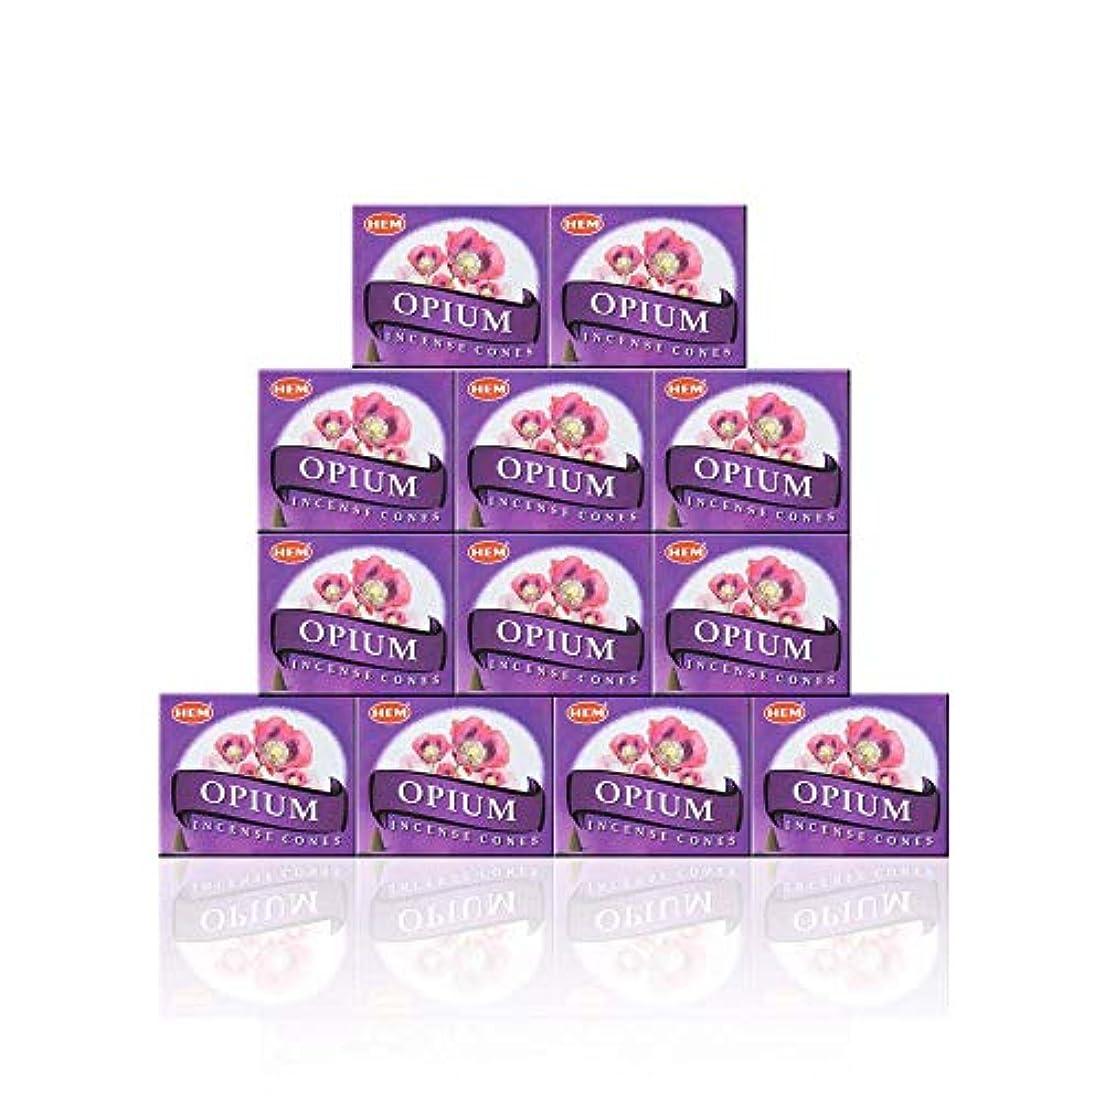 磁気プレビューワゴンHEM(ヘム) オピウム香 コーンタイプ OPIUM CORN 12箱セット